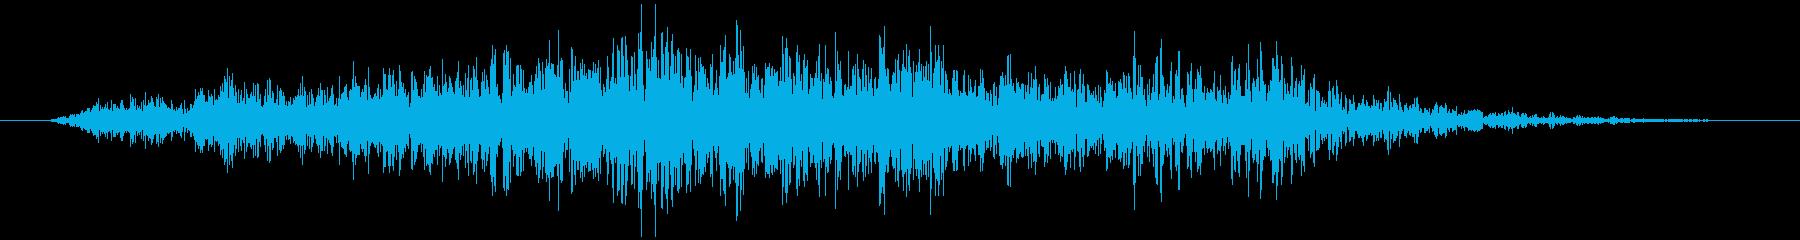 石、重い物などを動かす(ズリュッ)の再生済みの波形